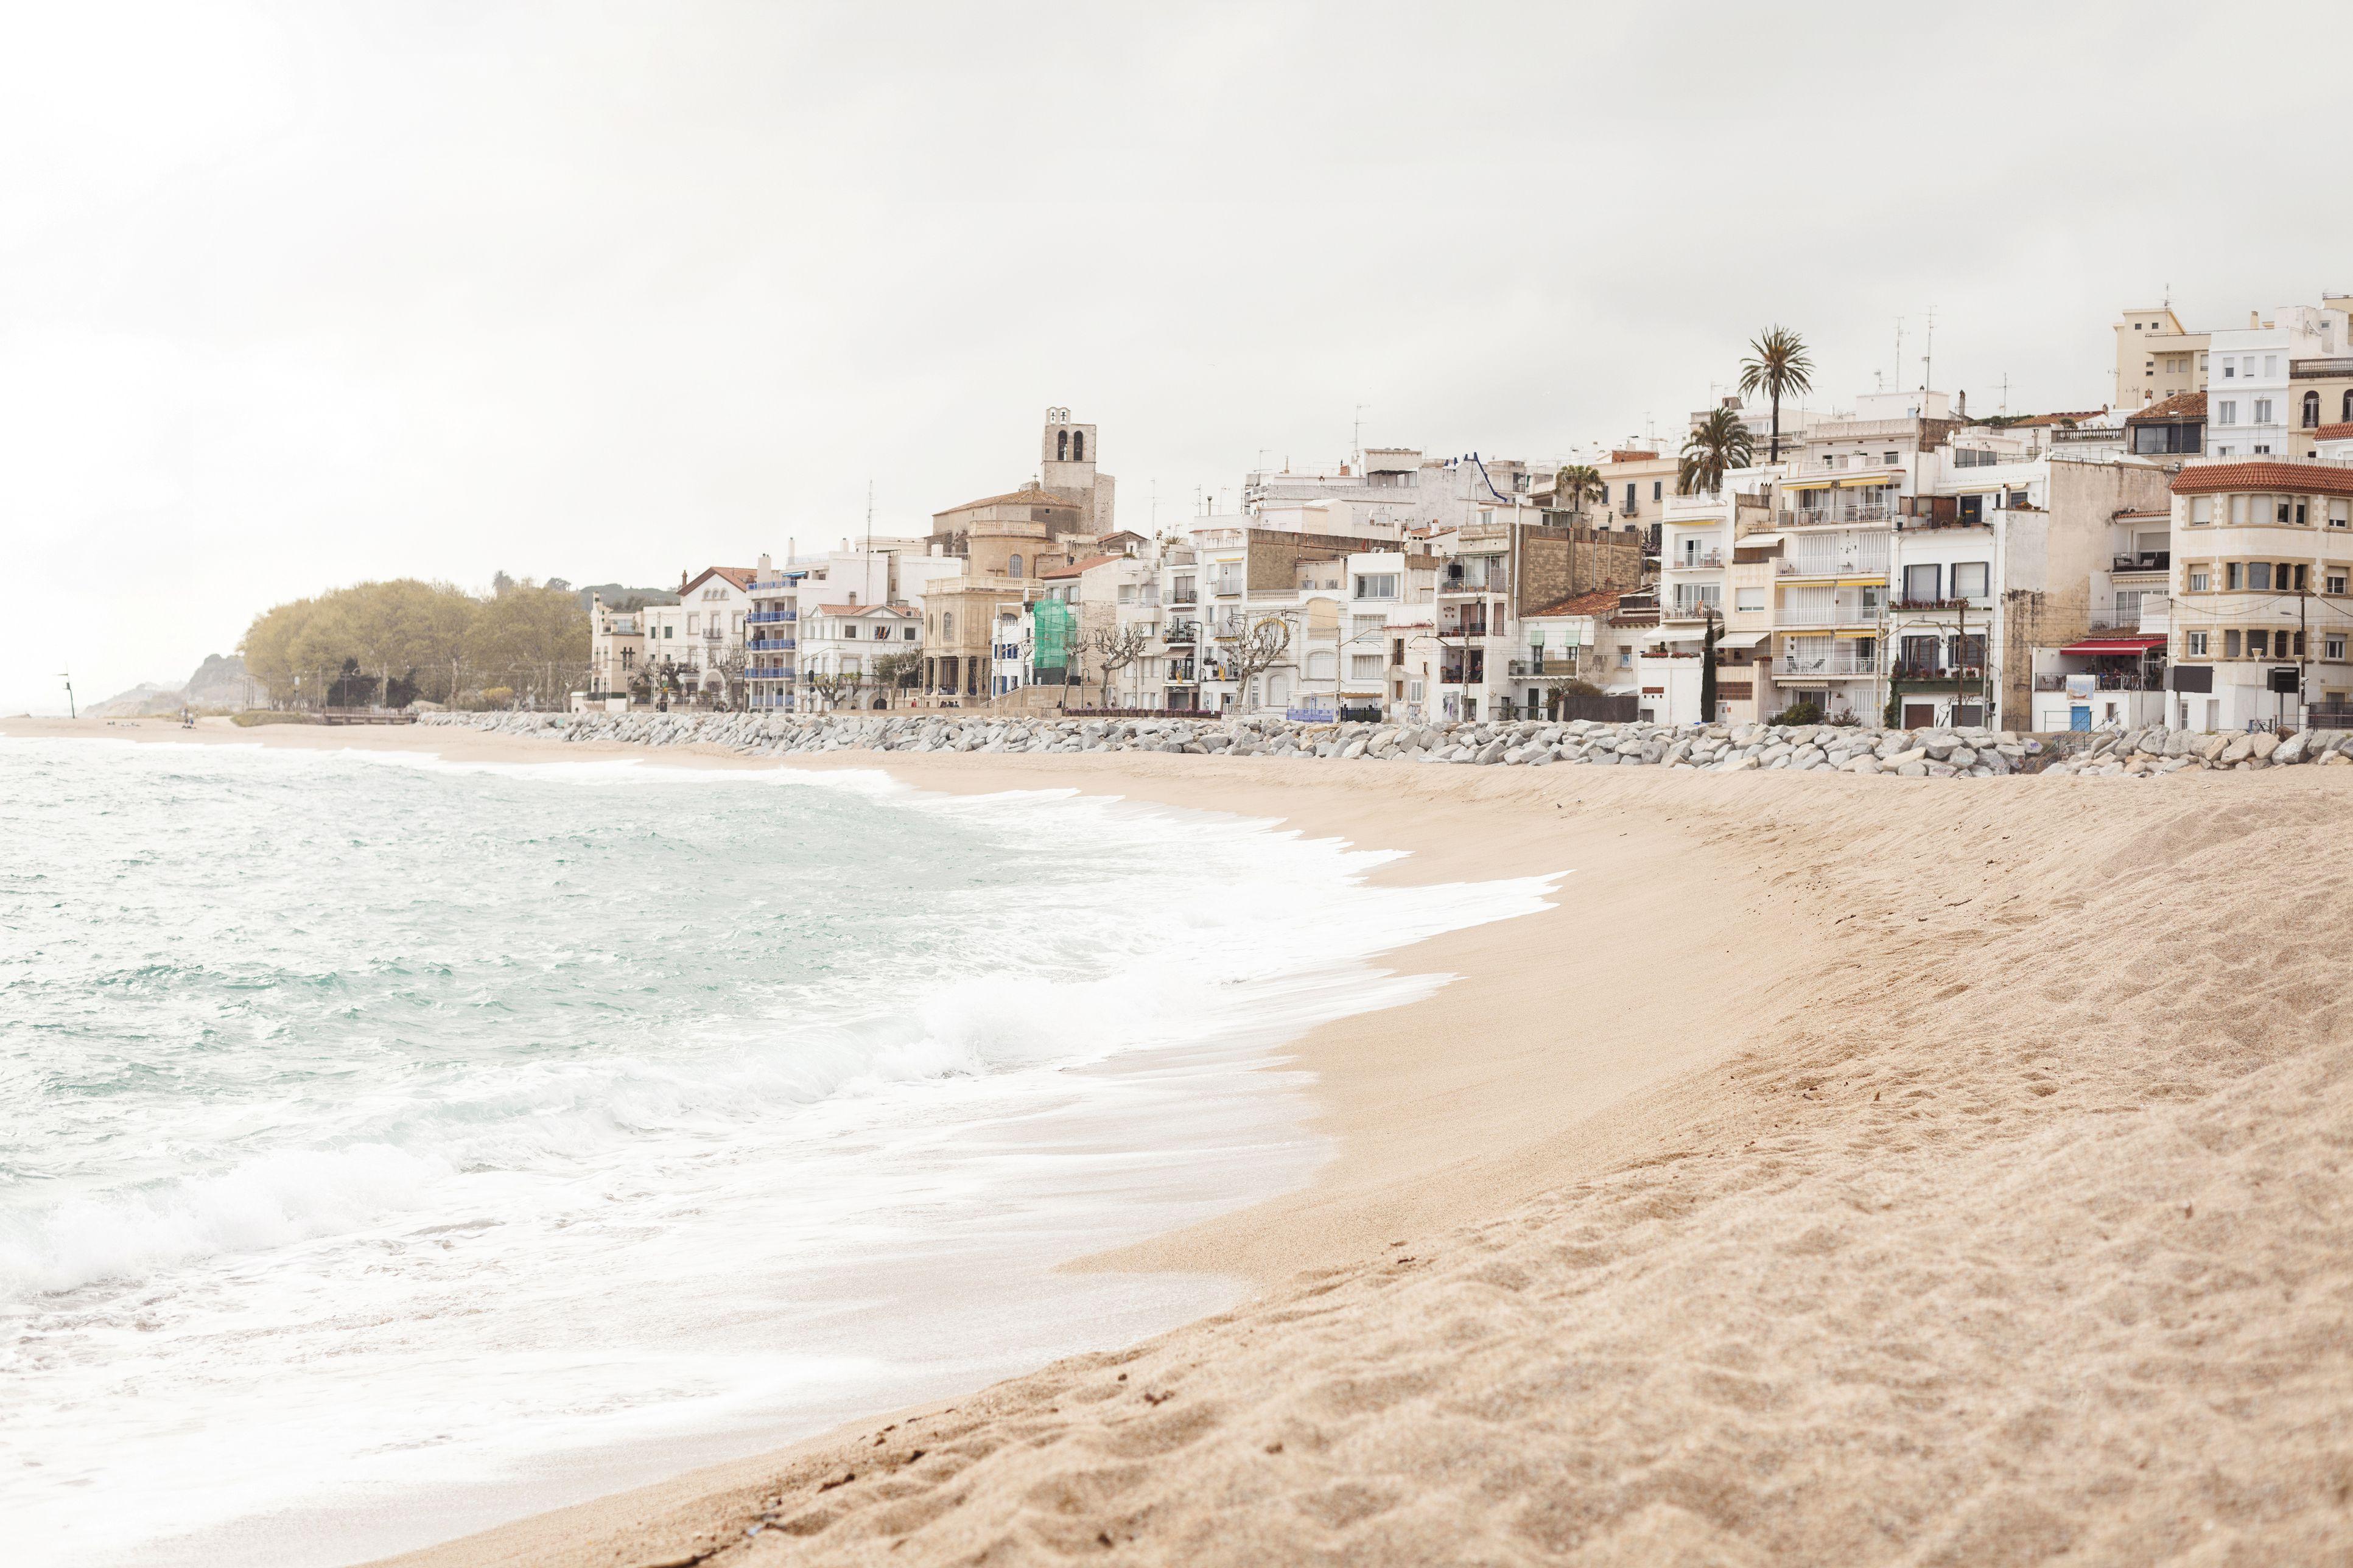 Spanien, Sant Pol de Mar, Blick auf leeren Strand